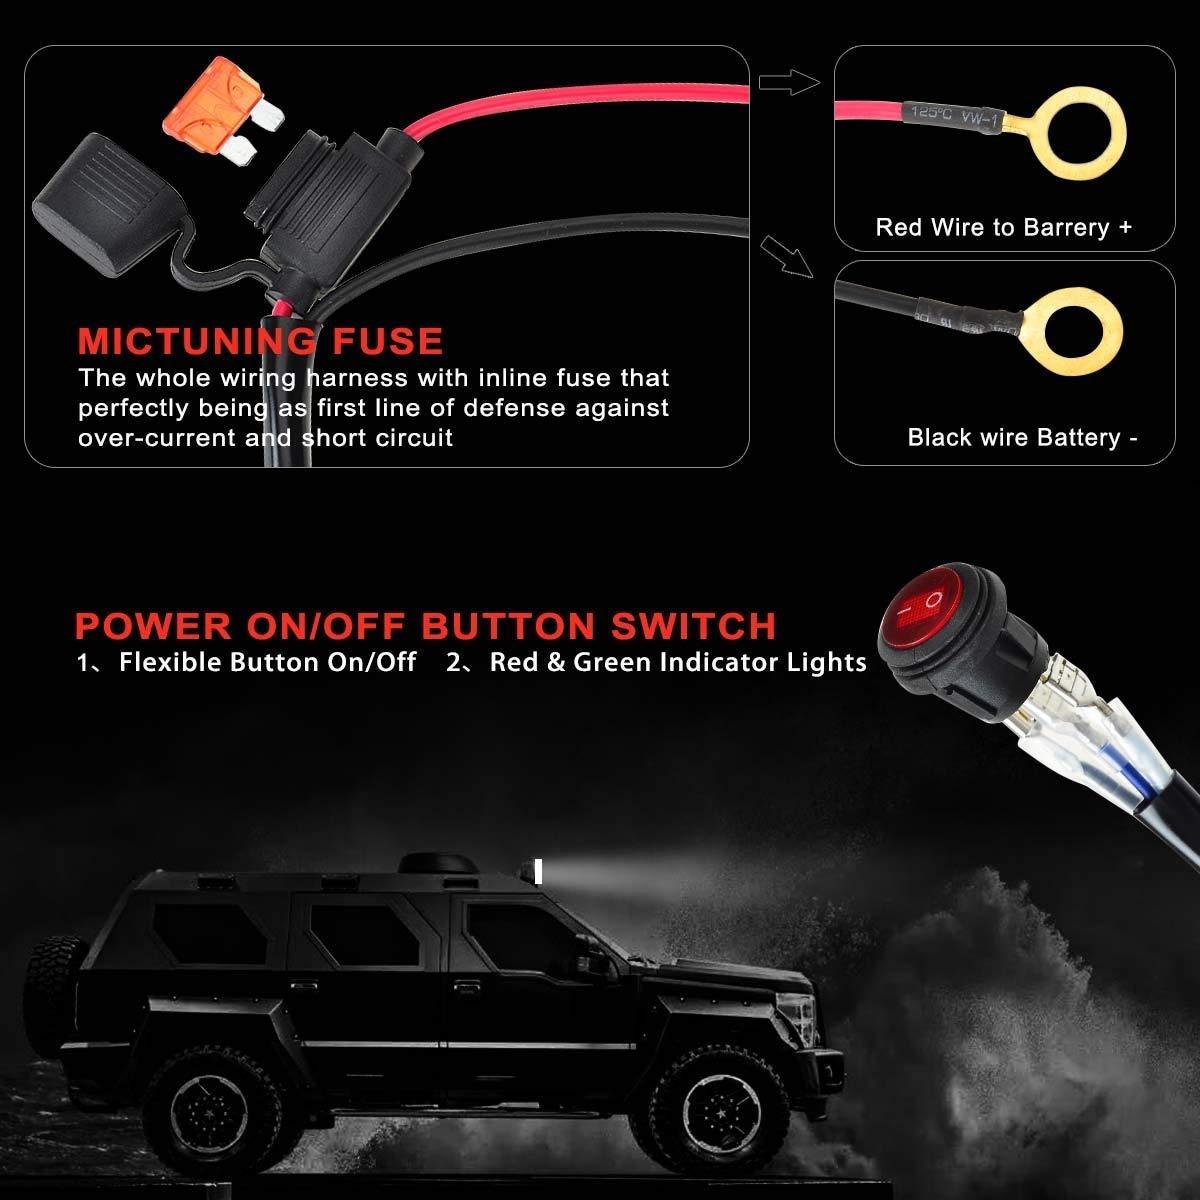 KAWELL 300W Barra LED Faro de Trabajo Arneses de cableado Faro Antiniebla Arn/és de Cableado 40A Rel/é Interruptor de Encendido//Apagado Impermeable para Honda Toyota Quad Todoterreno 1 Plomo 9 Pies